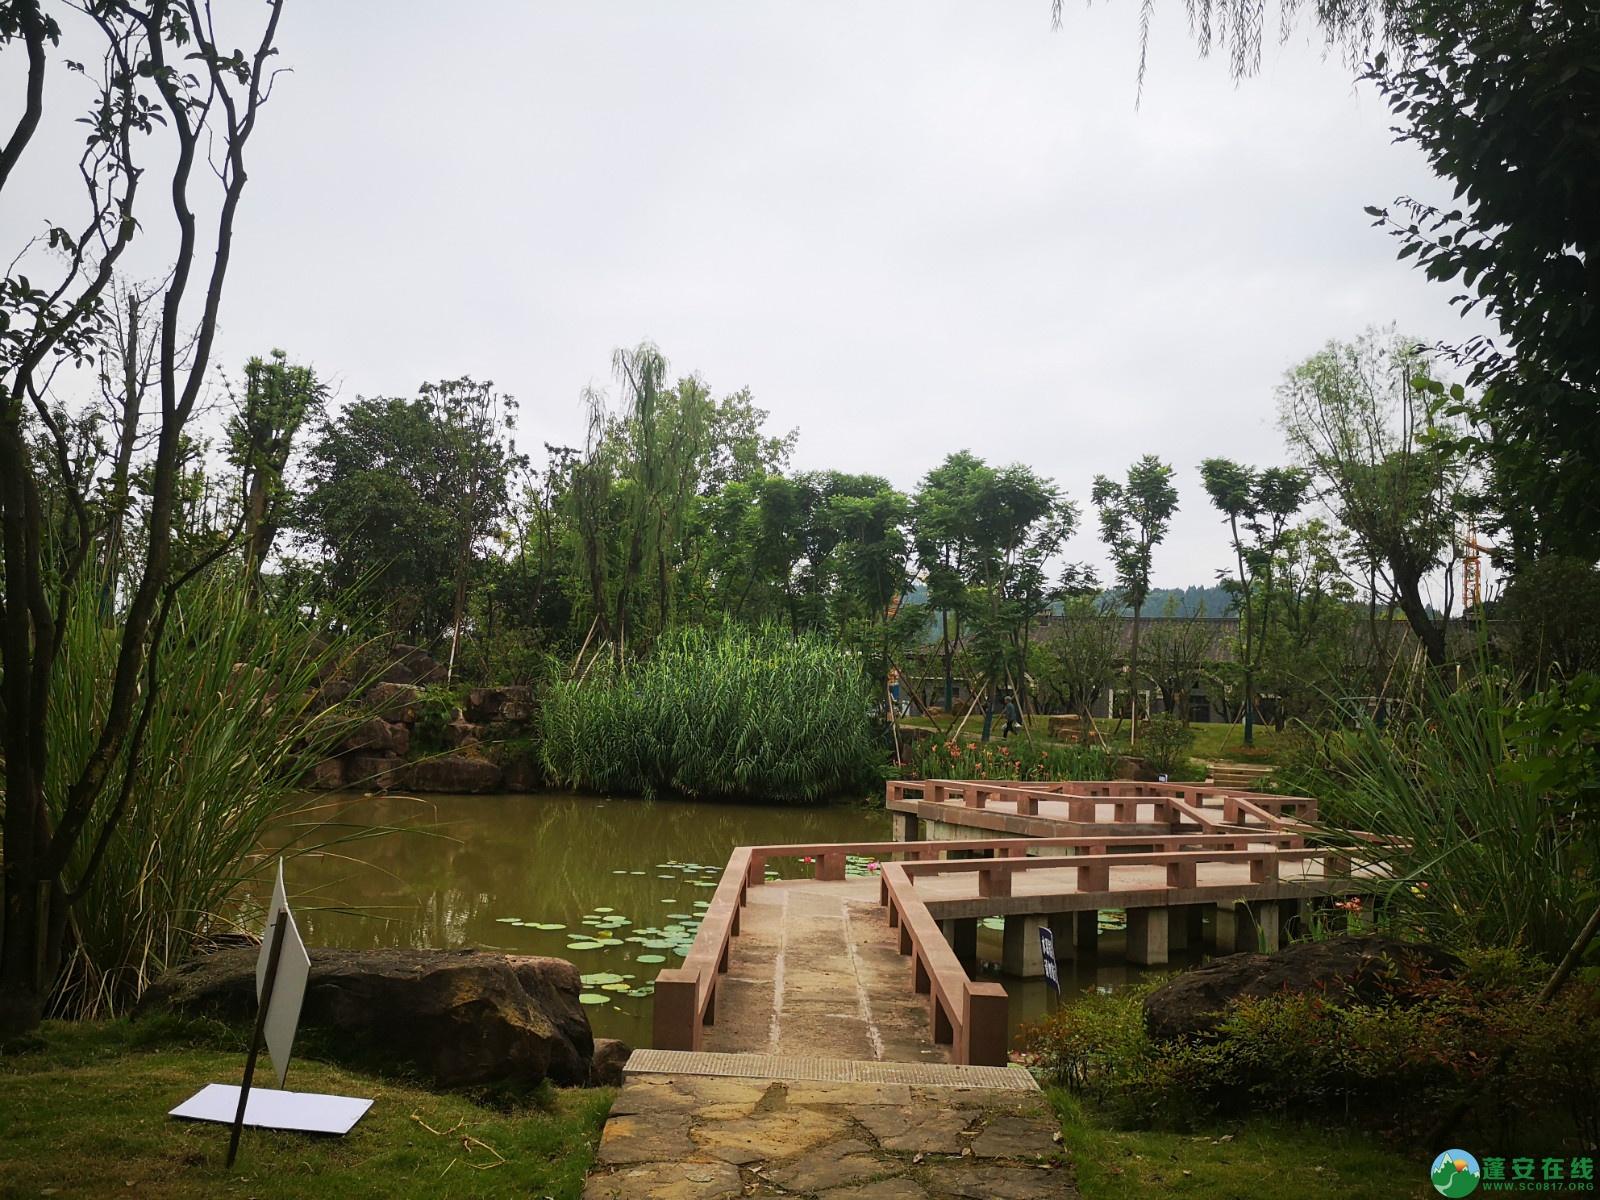 蓬安锦屏新区近况(2020-08-19) - 第2张  | 蓬安在线